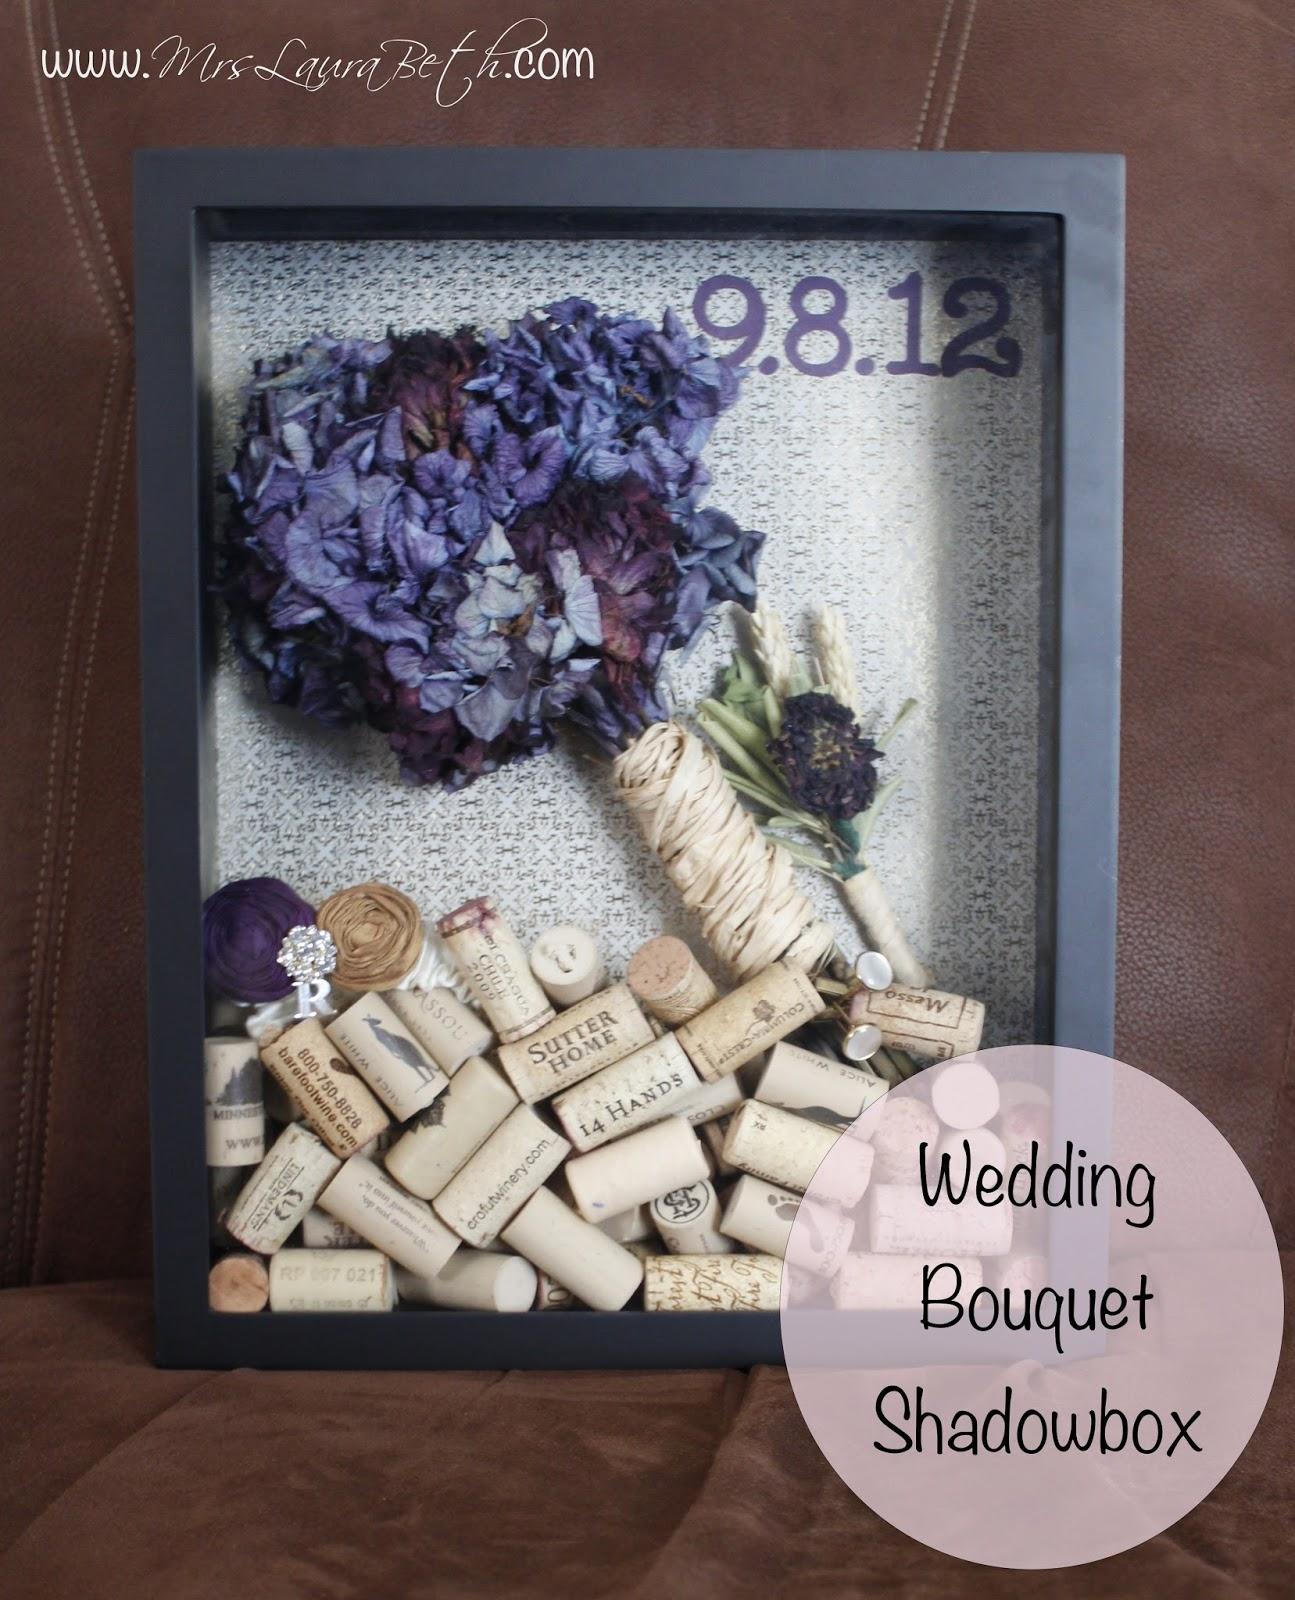 wedding bouquet shadowbox wedding shadow box Wedding Bouquet Shadowbox